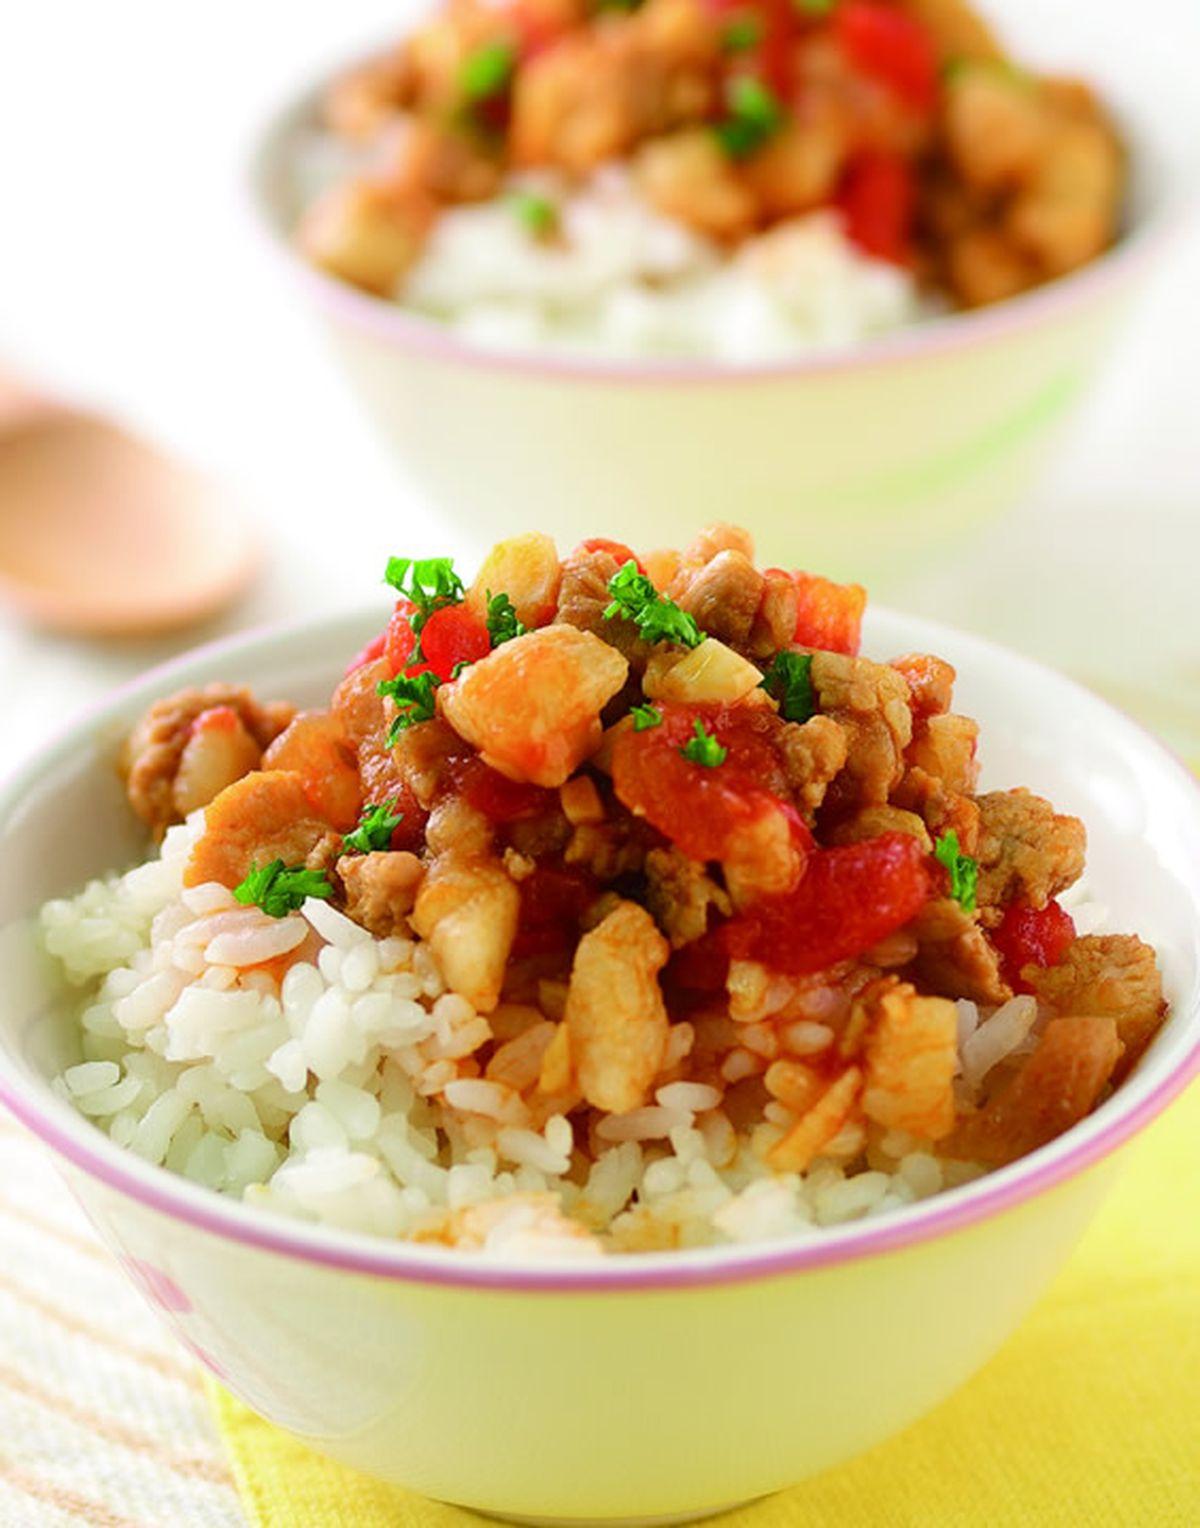 食譜:茄汁滷肉飯